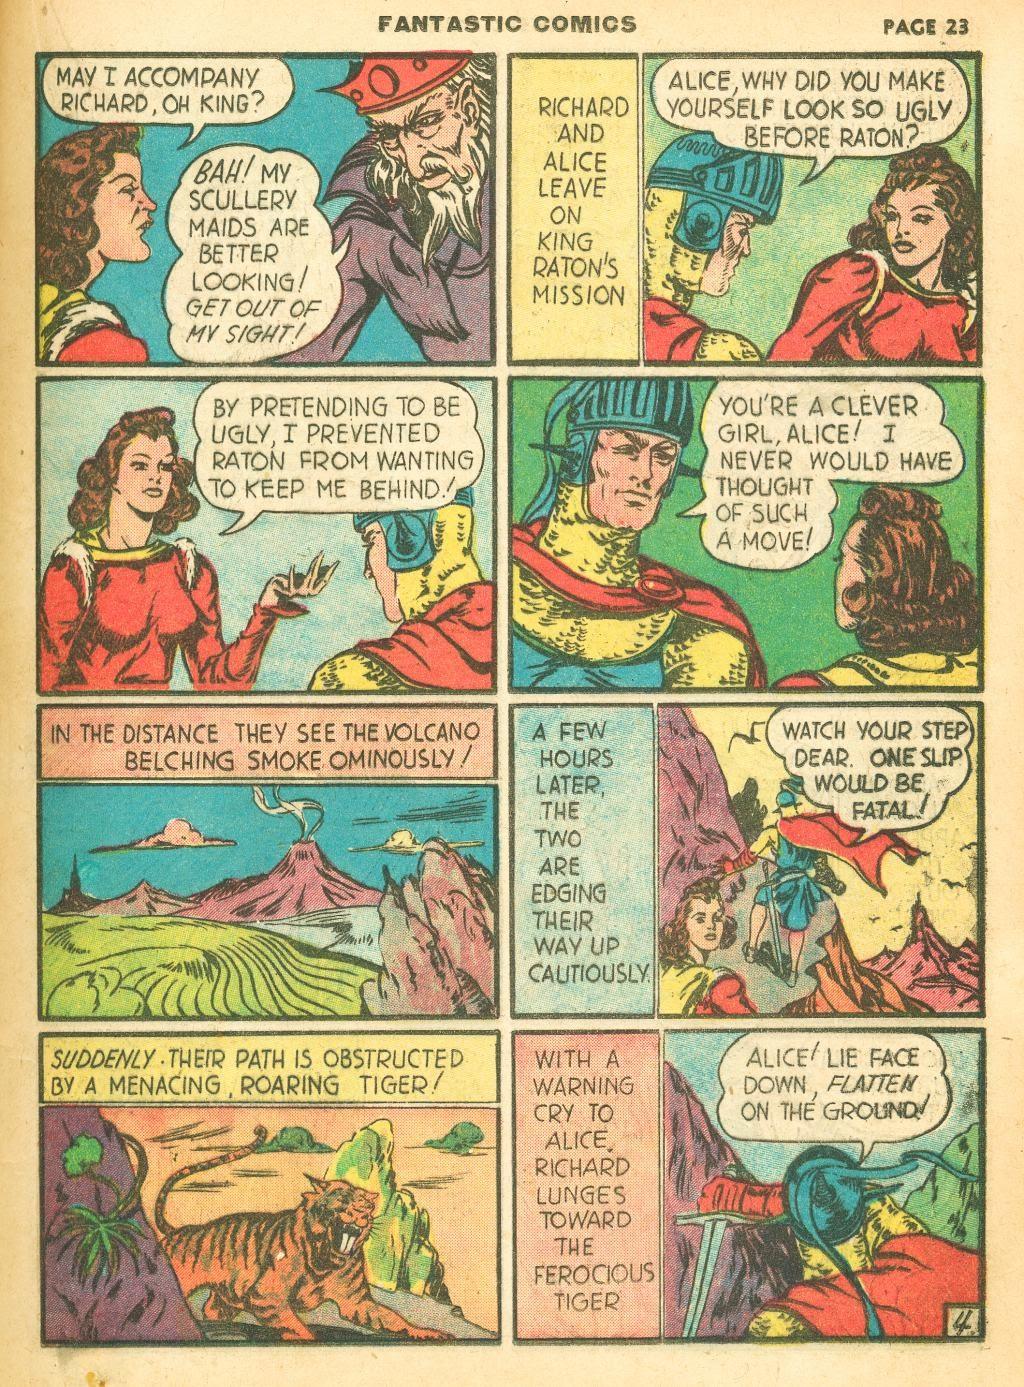 Read online Fantastic Comics comic -  Issue #12 - 25